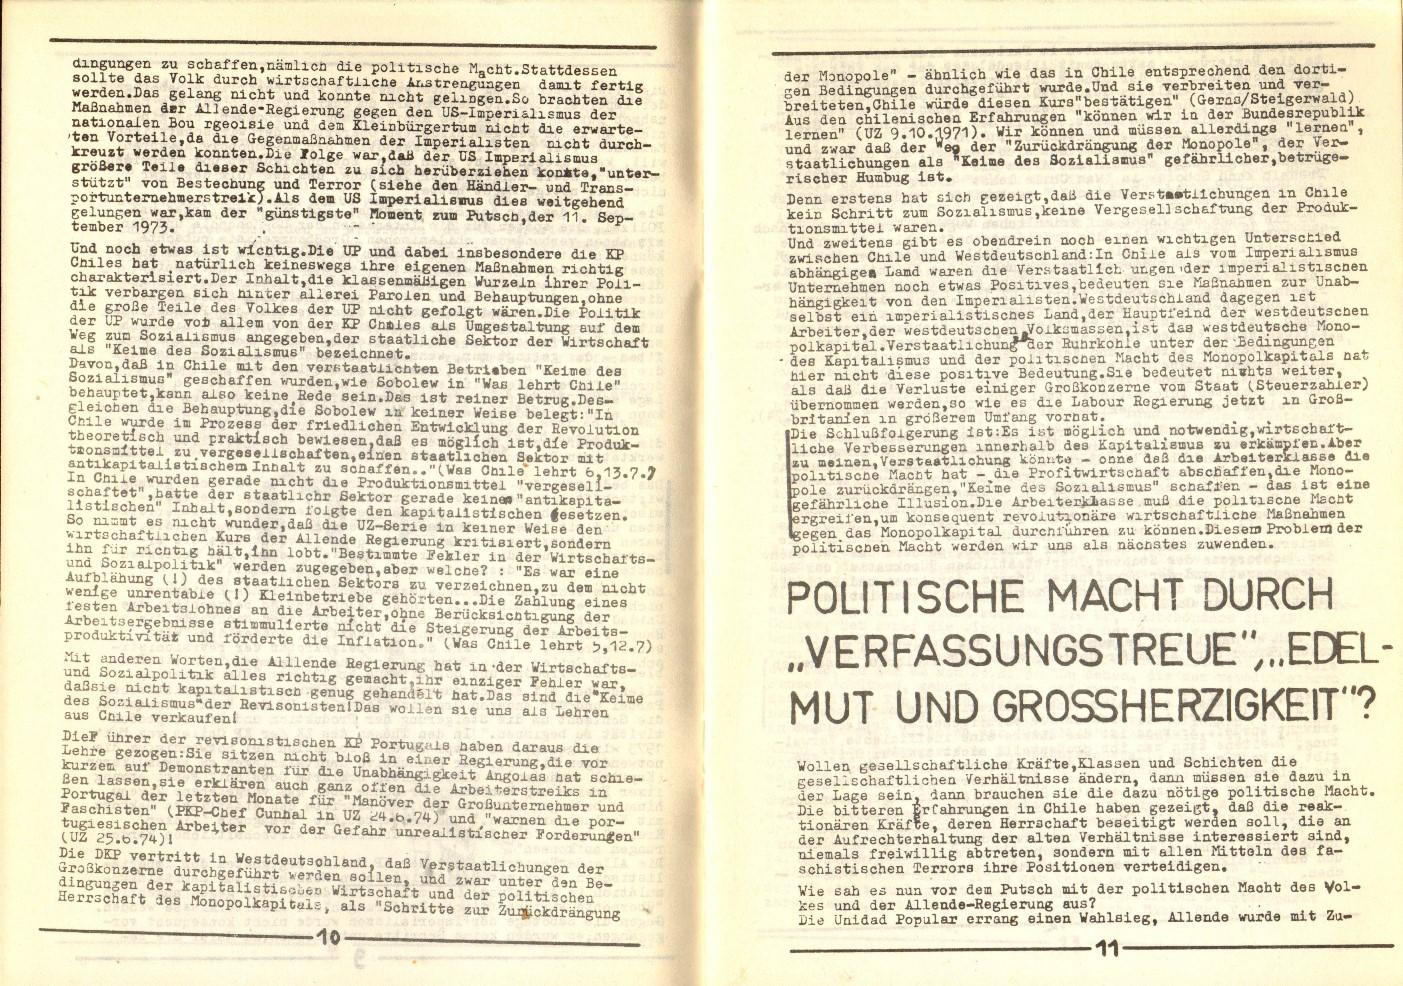 Duisburg_ML_1974_Was_lehrt_Chile_wirklich_05